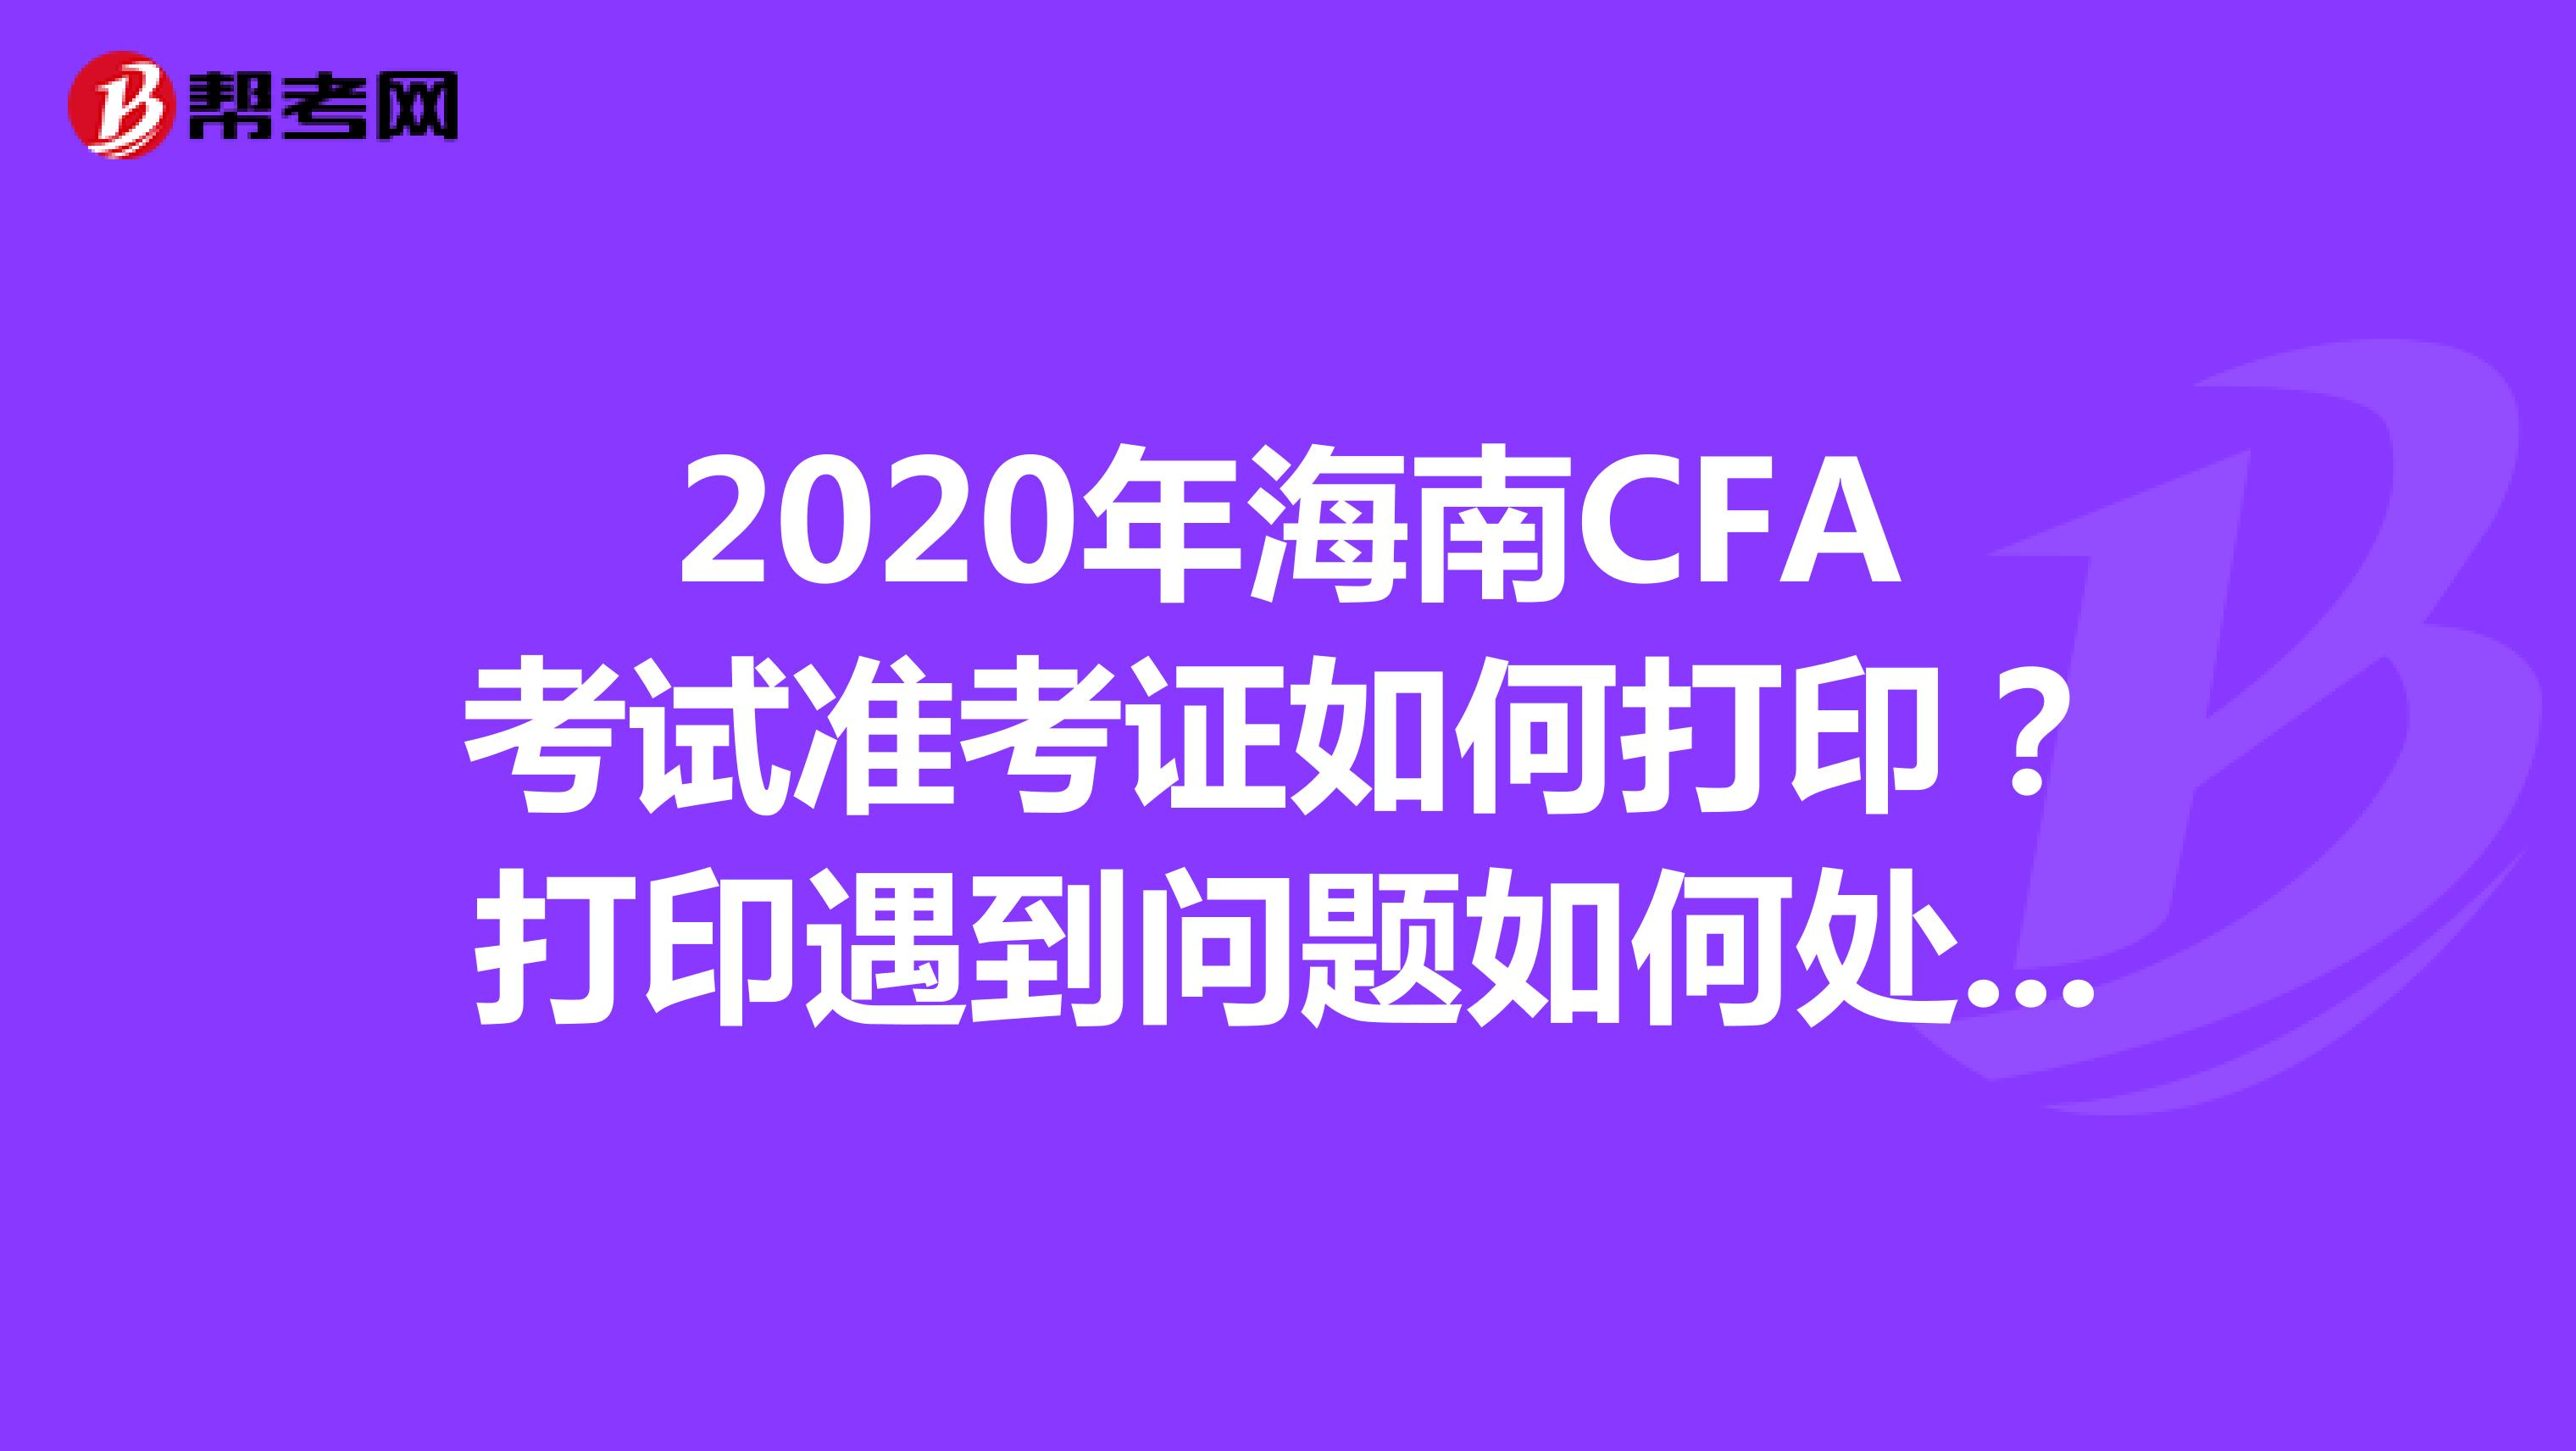 2020年海南CFA考试准考证如何打印?打印遇到问题如何处理?